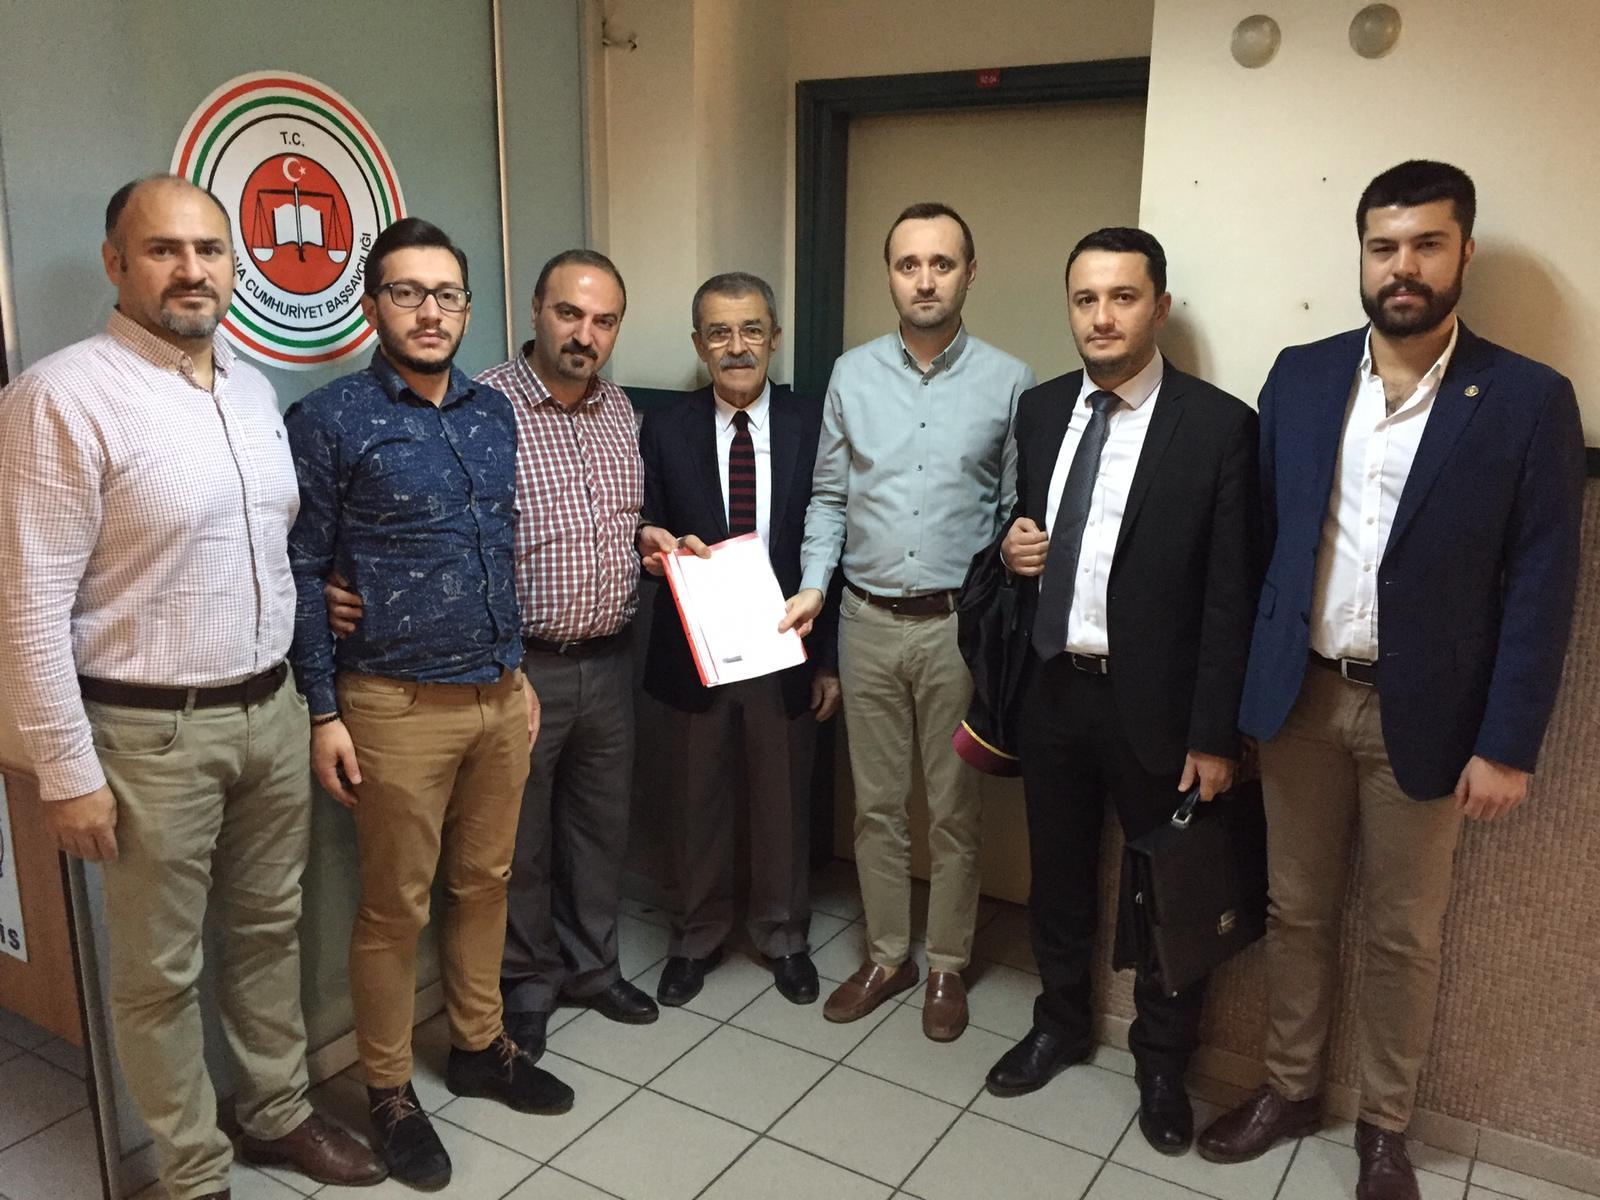 CHP, ATATÜRK'E HAKARETİN PEŞİNİ BIRAKMIYOR